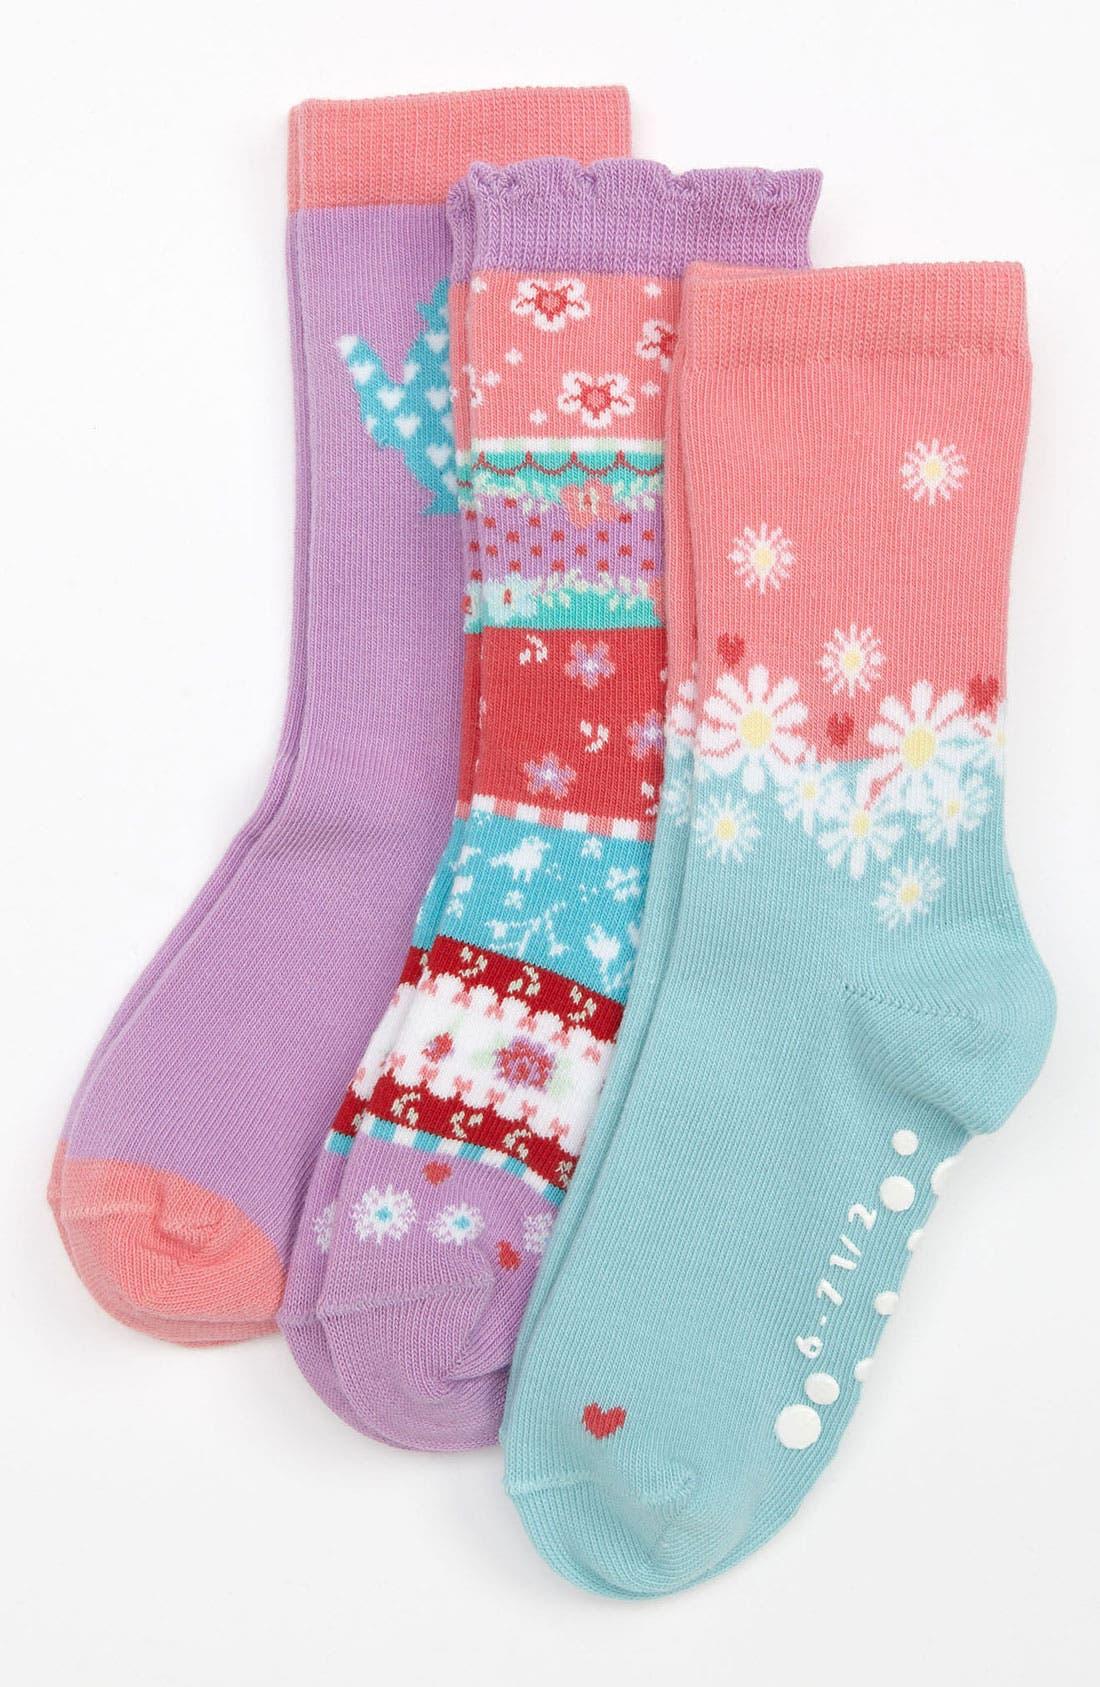 Main Image - Nordstrom 'Cucumber Sandwich' Crew Socks (3-Pack) (Toddler & Little Girls)